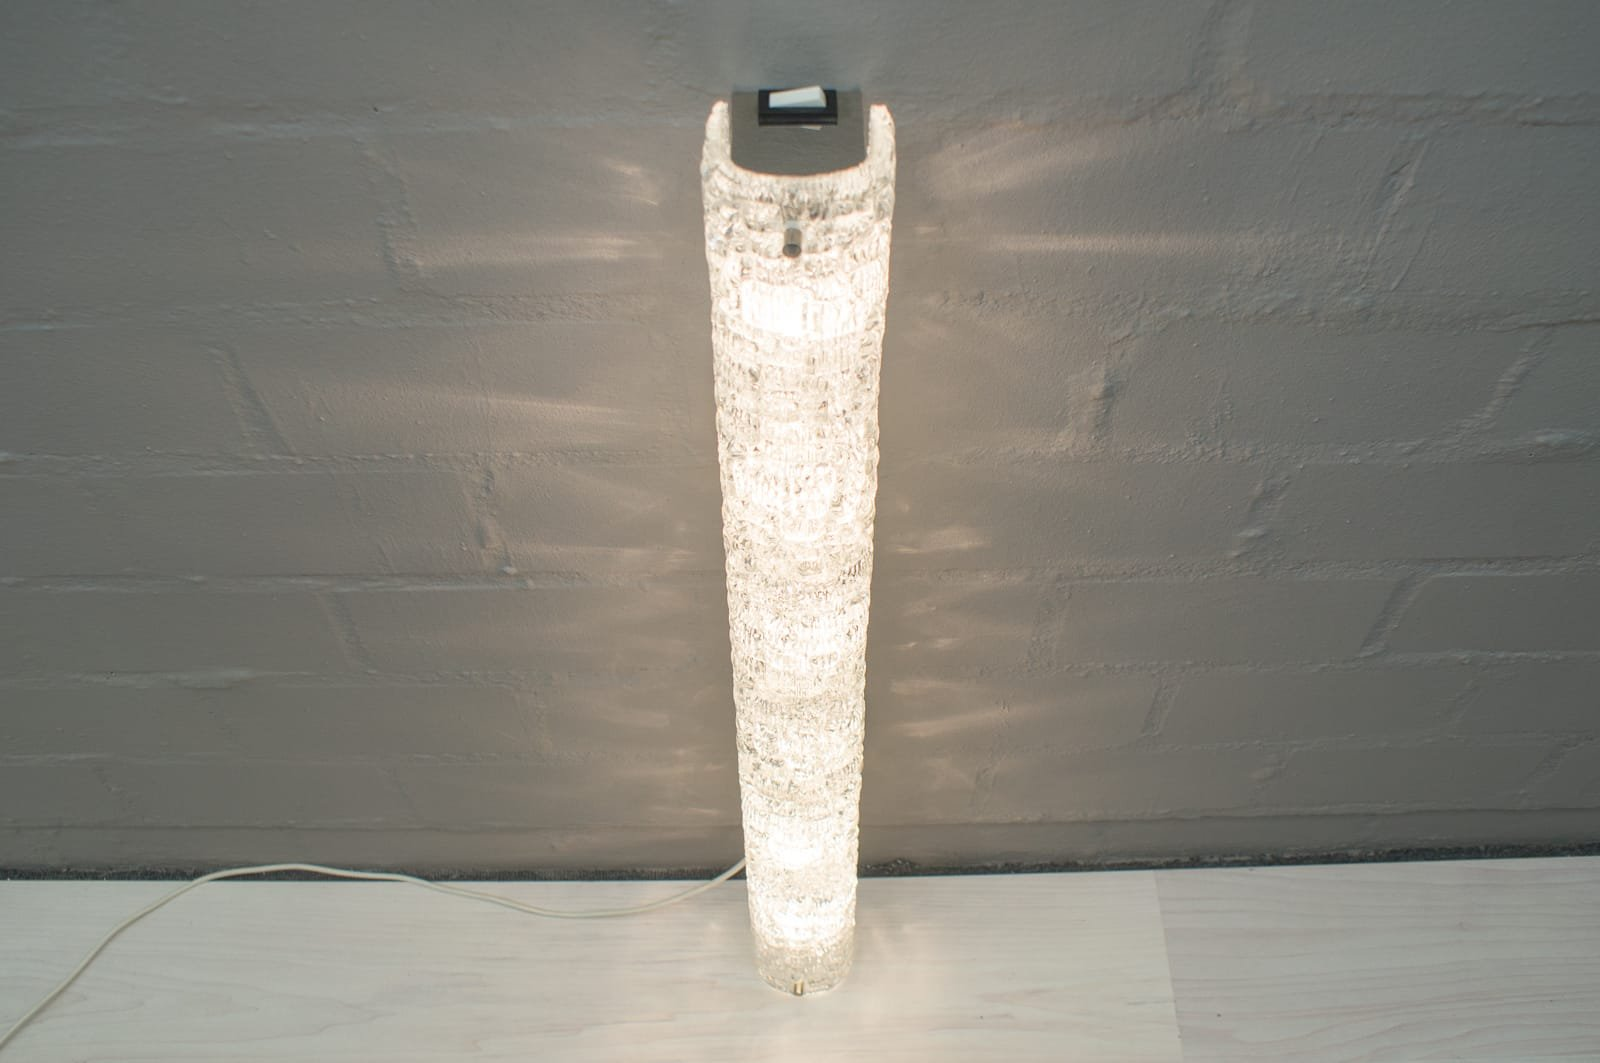 Lampade da parete grandi con bolle in vetro di Murano e placcate in cromo di Hillebrand, anni ...